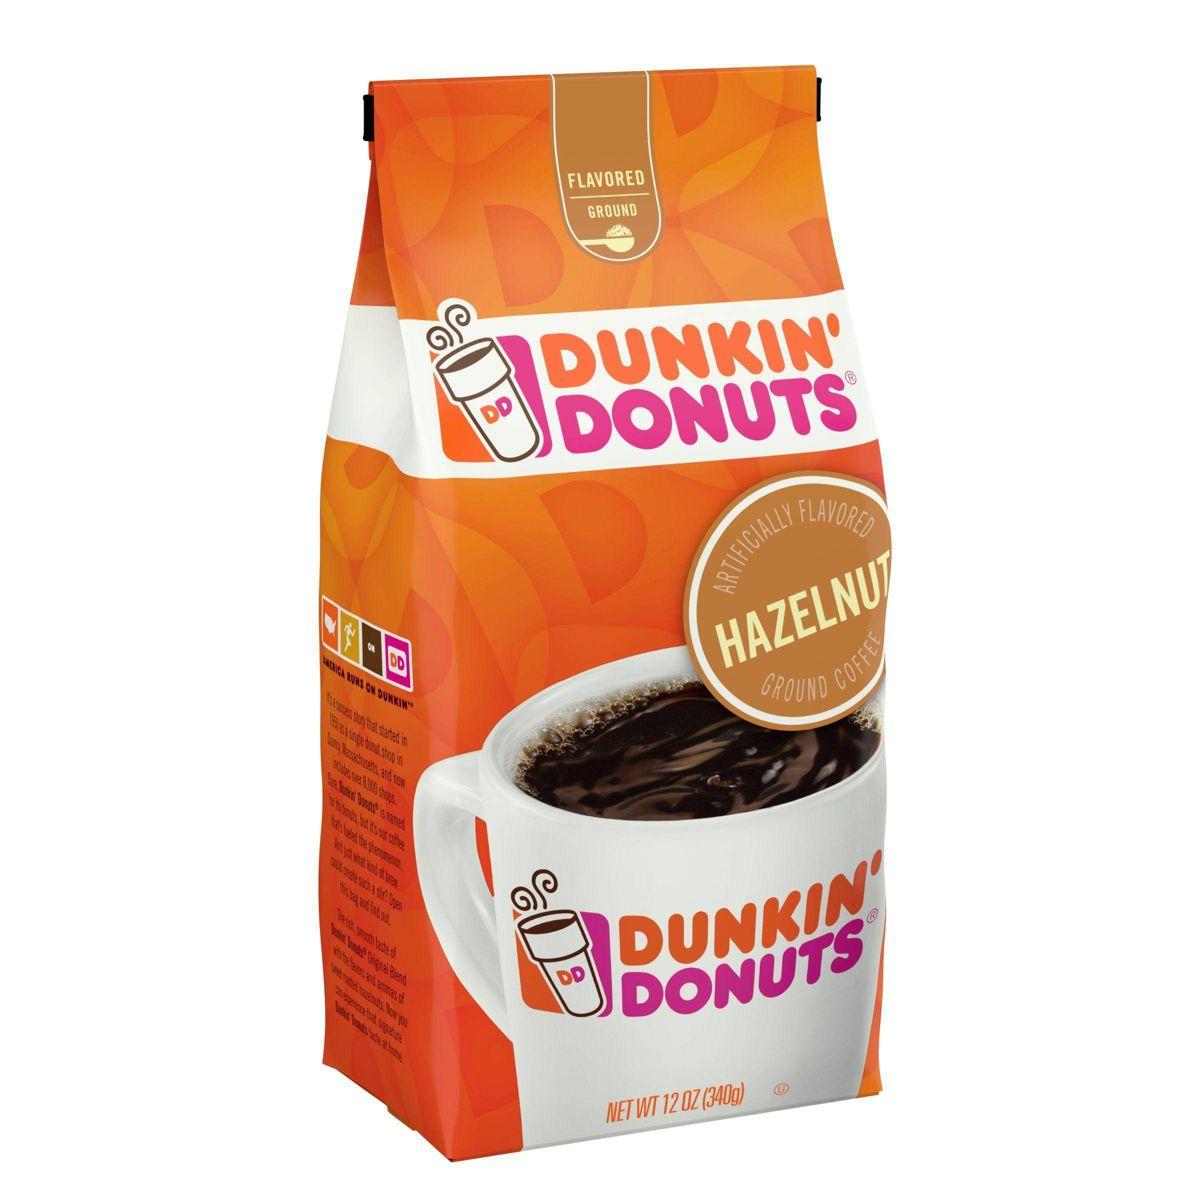 던킨도넛츠 헤이즐넛 라이트 로스트 그라운드 커피 340g